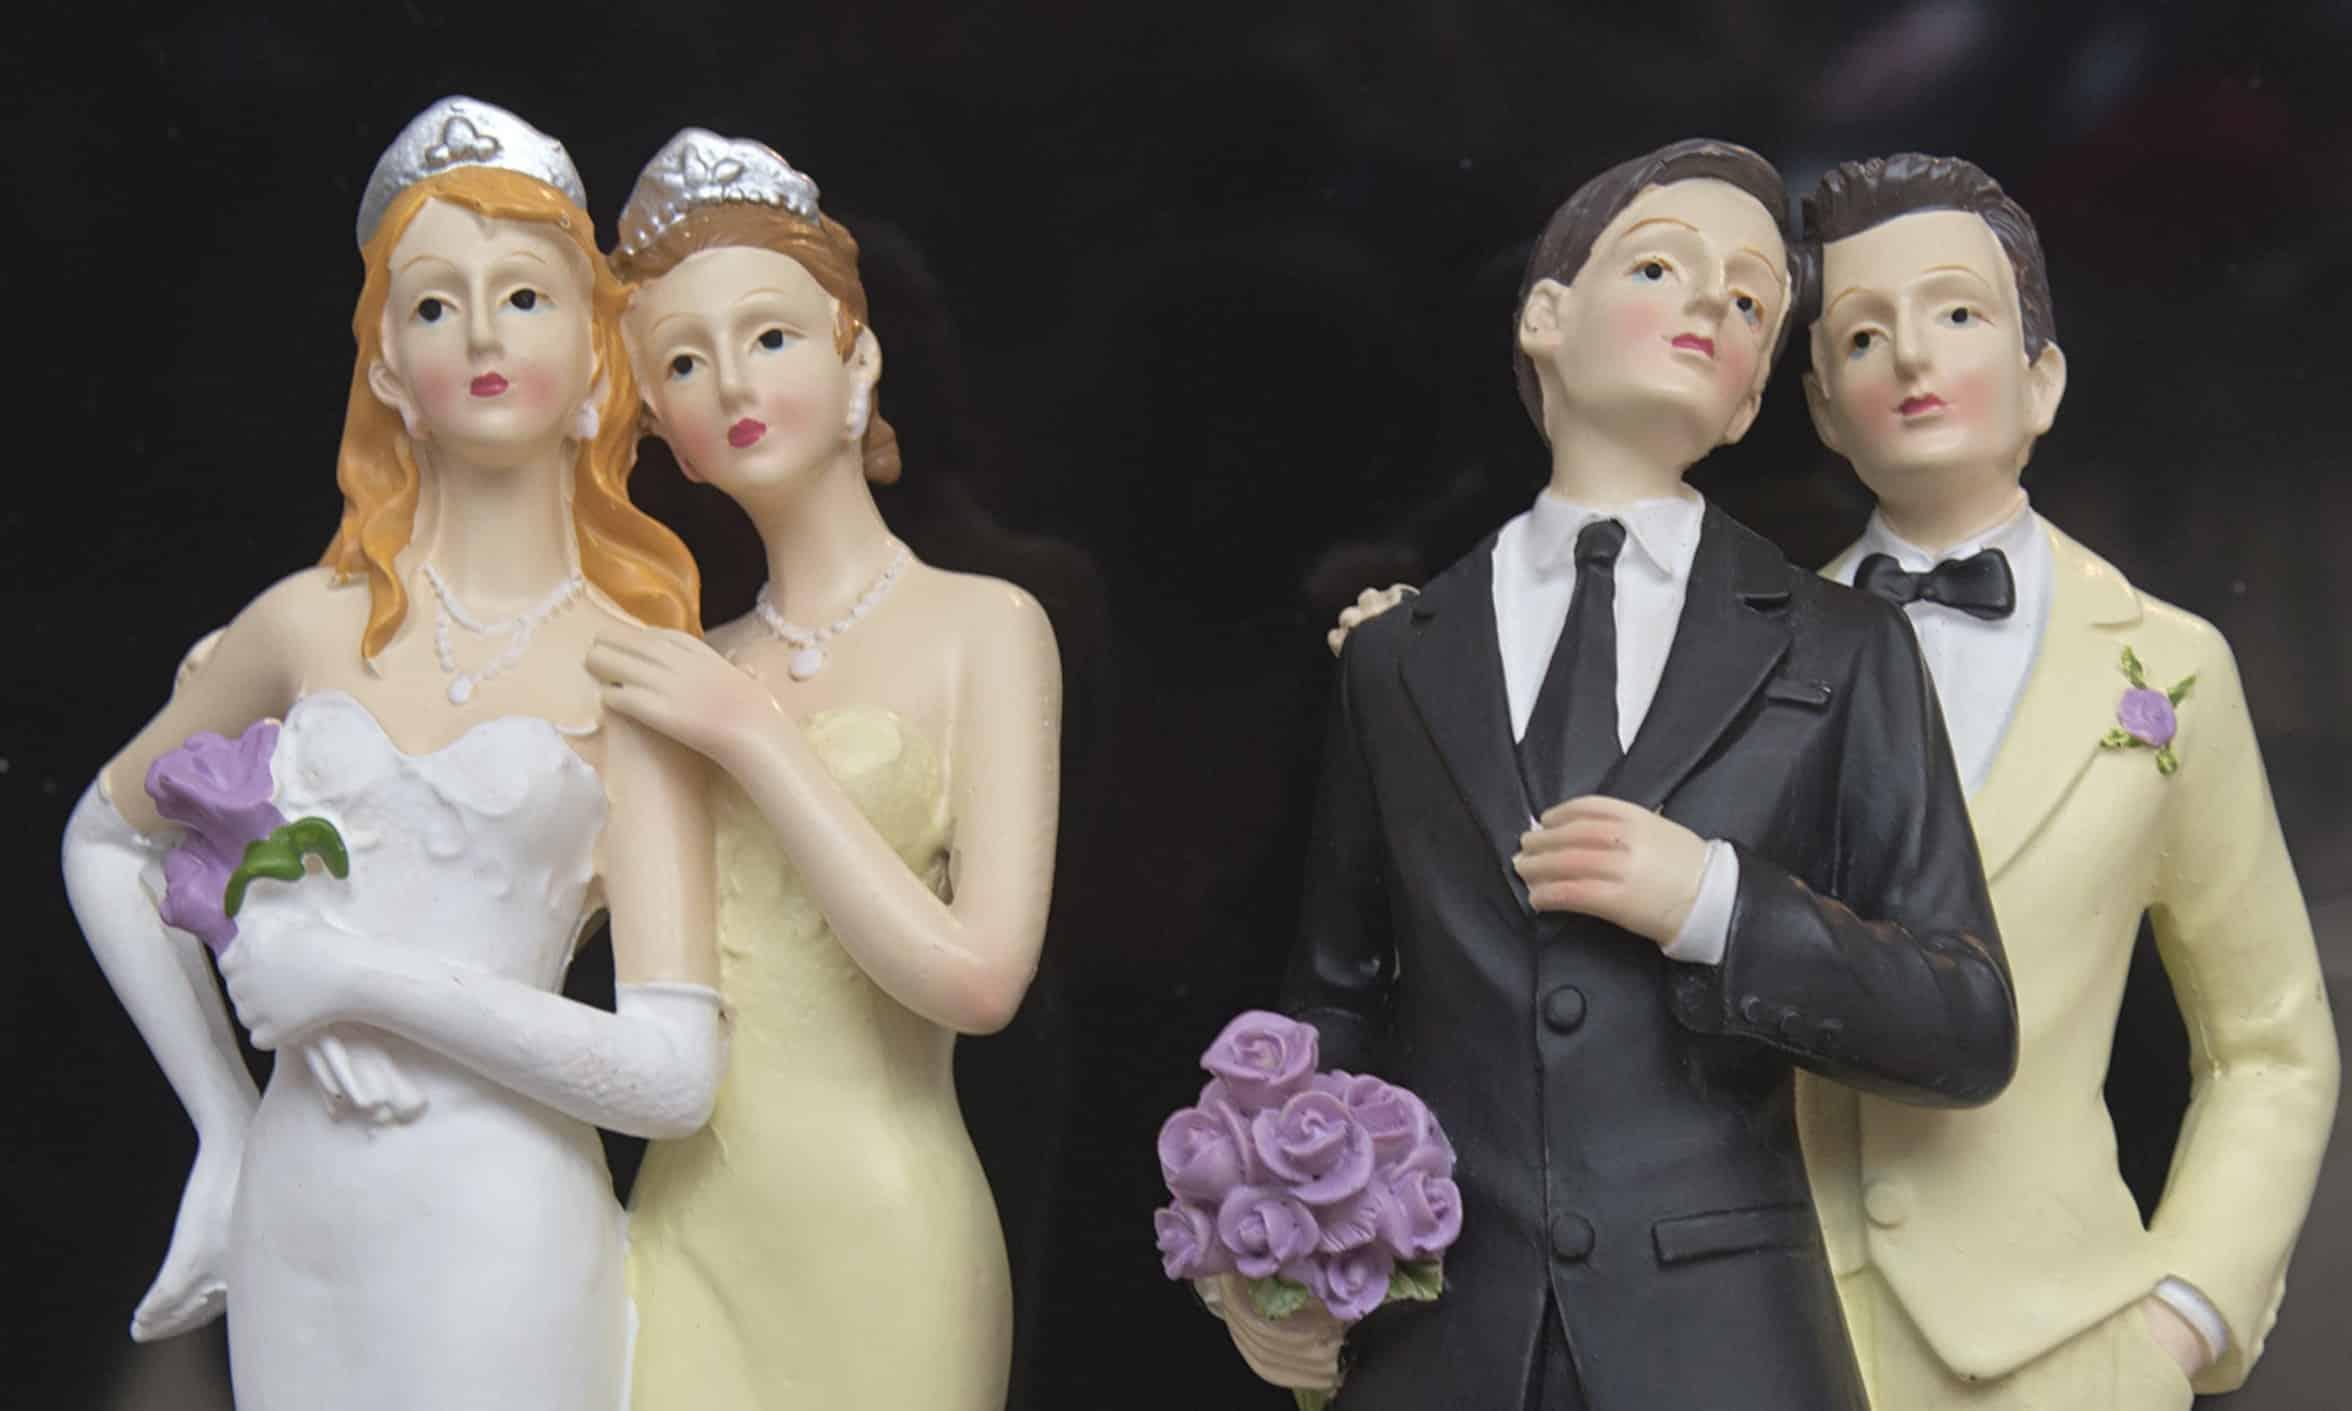 Официальный брак в Венгрии – исключительно гетеросексуальный союз